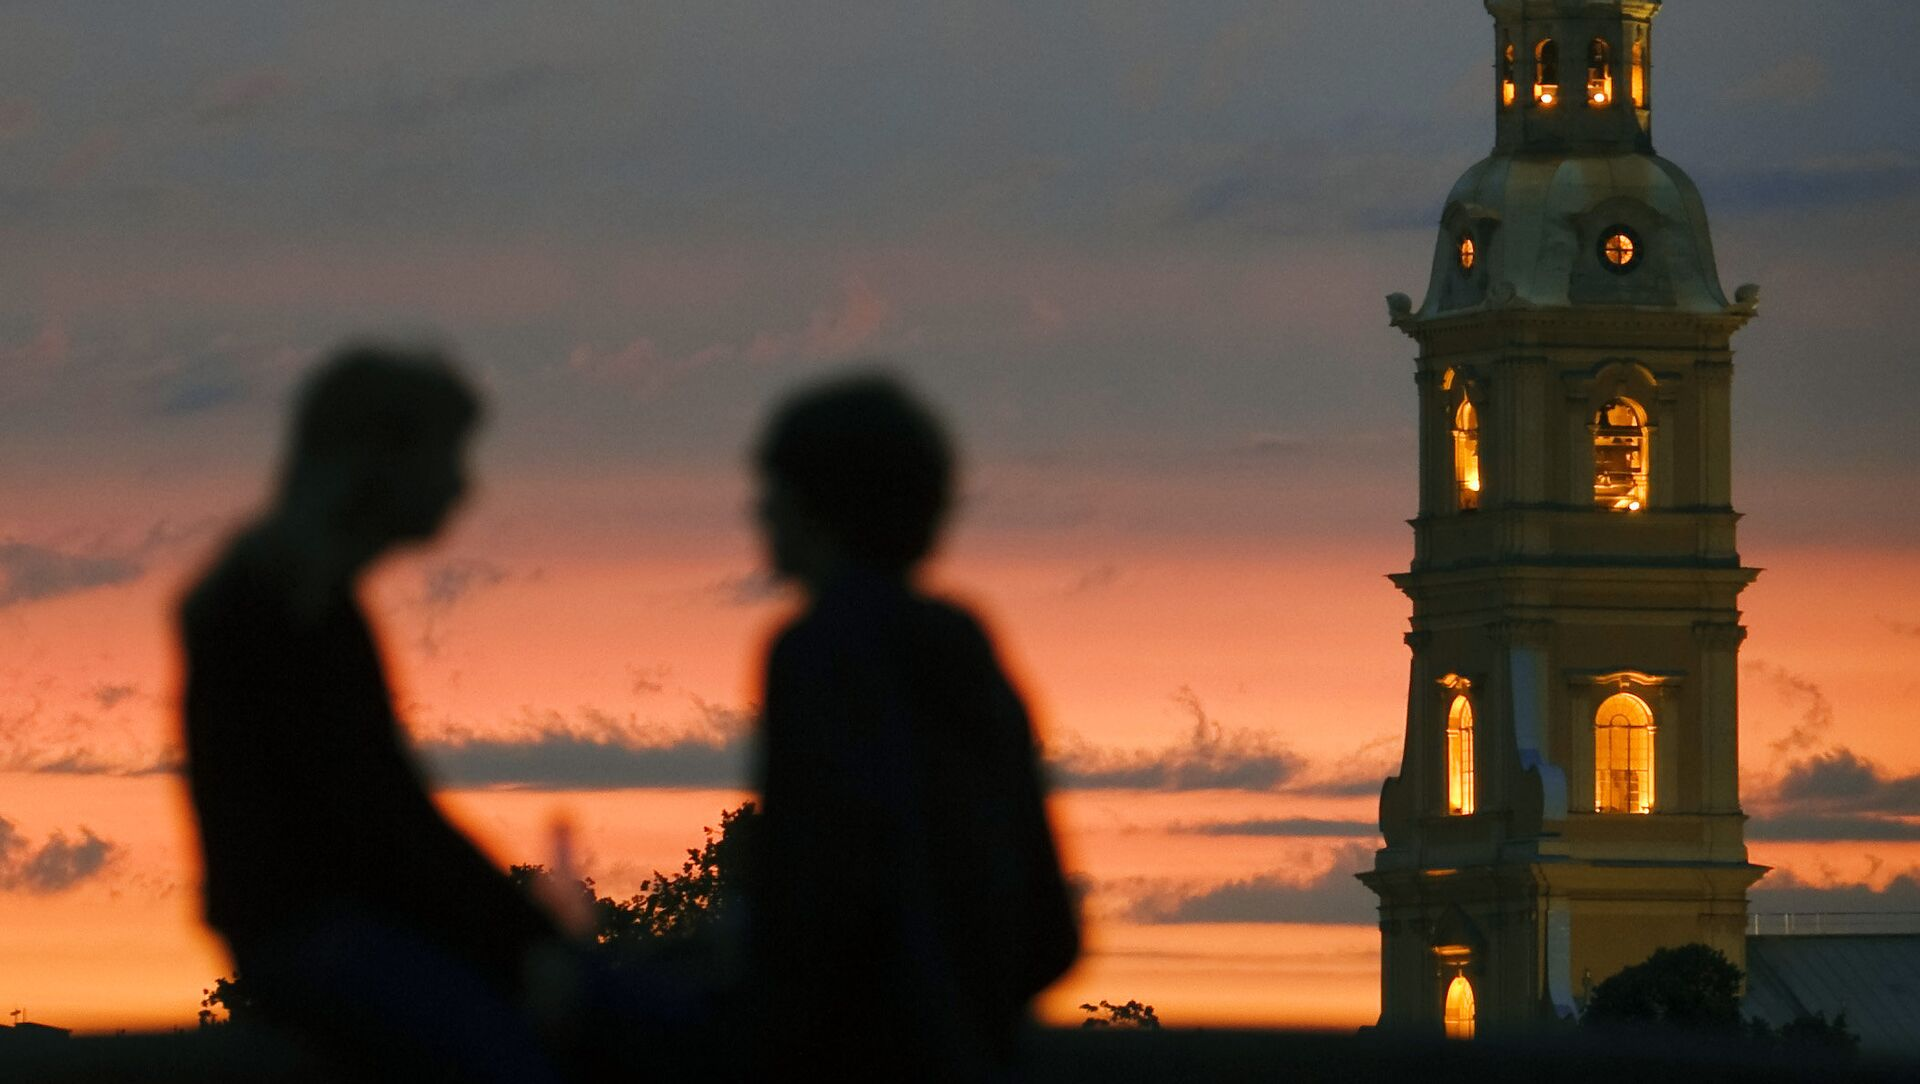 Notti bianche, due innamorati e sullo sfondo la torre della fortezza di Pietro e Paolo - Sputnik Italia, 1920, 14.02.2021